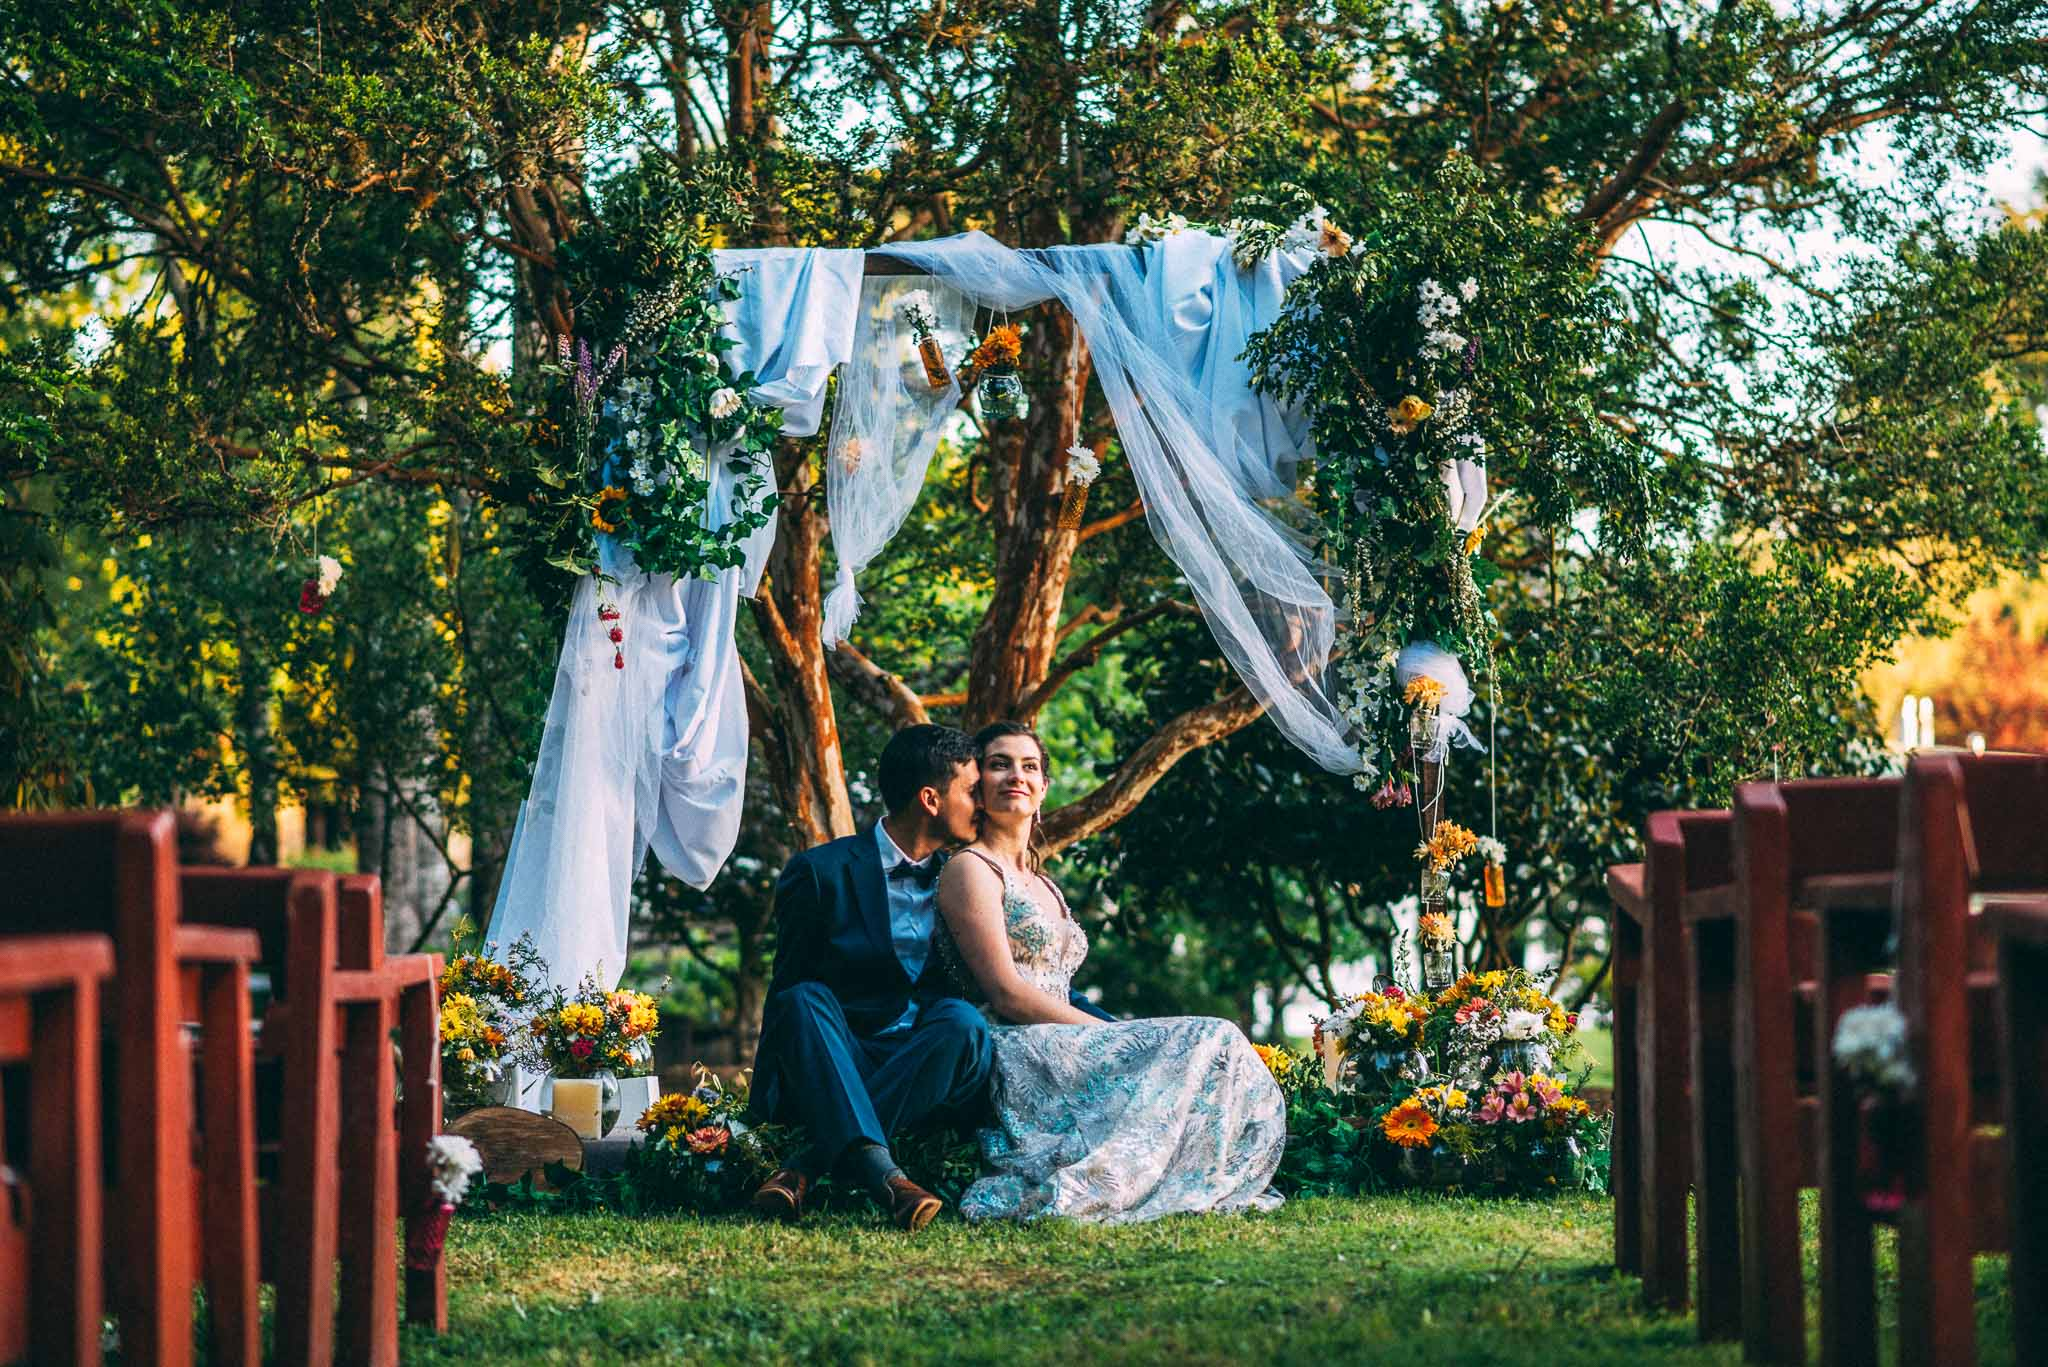 la fragua centro de eventos-purranque-decima region-llanquihue-matrimonio campestre-fotografo documental de matrimonios-make up-sesion novios-aire libre